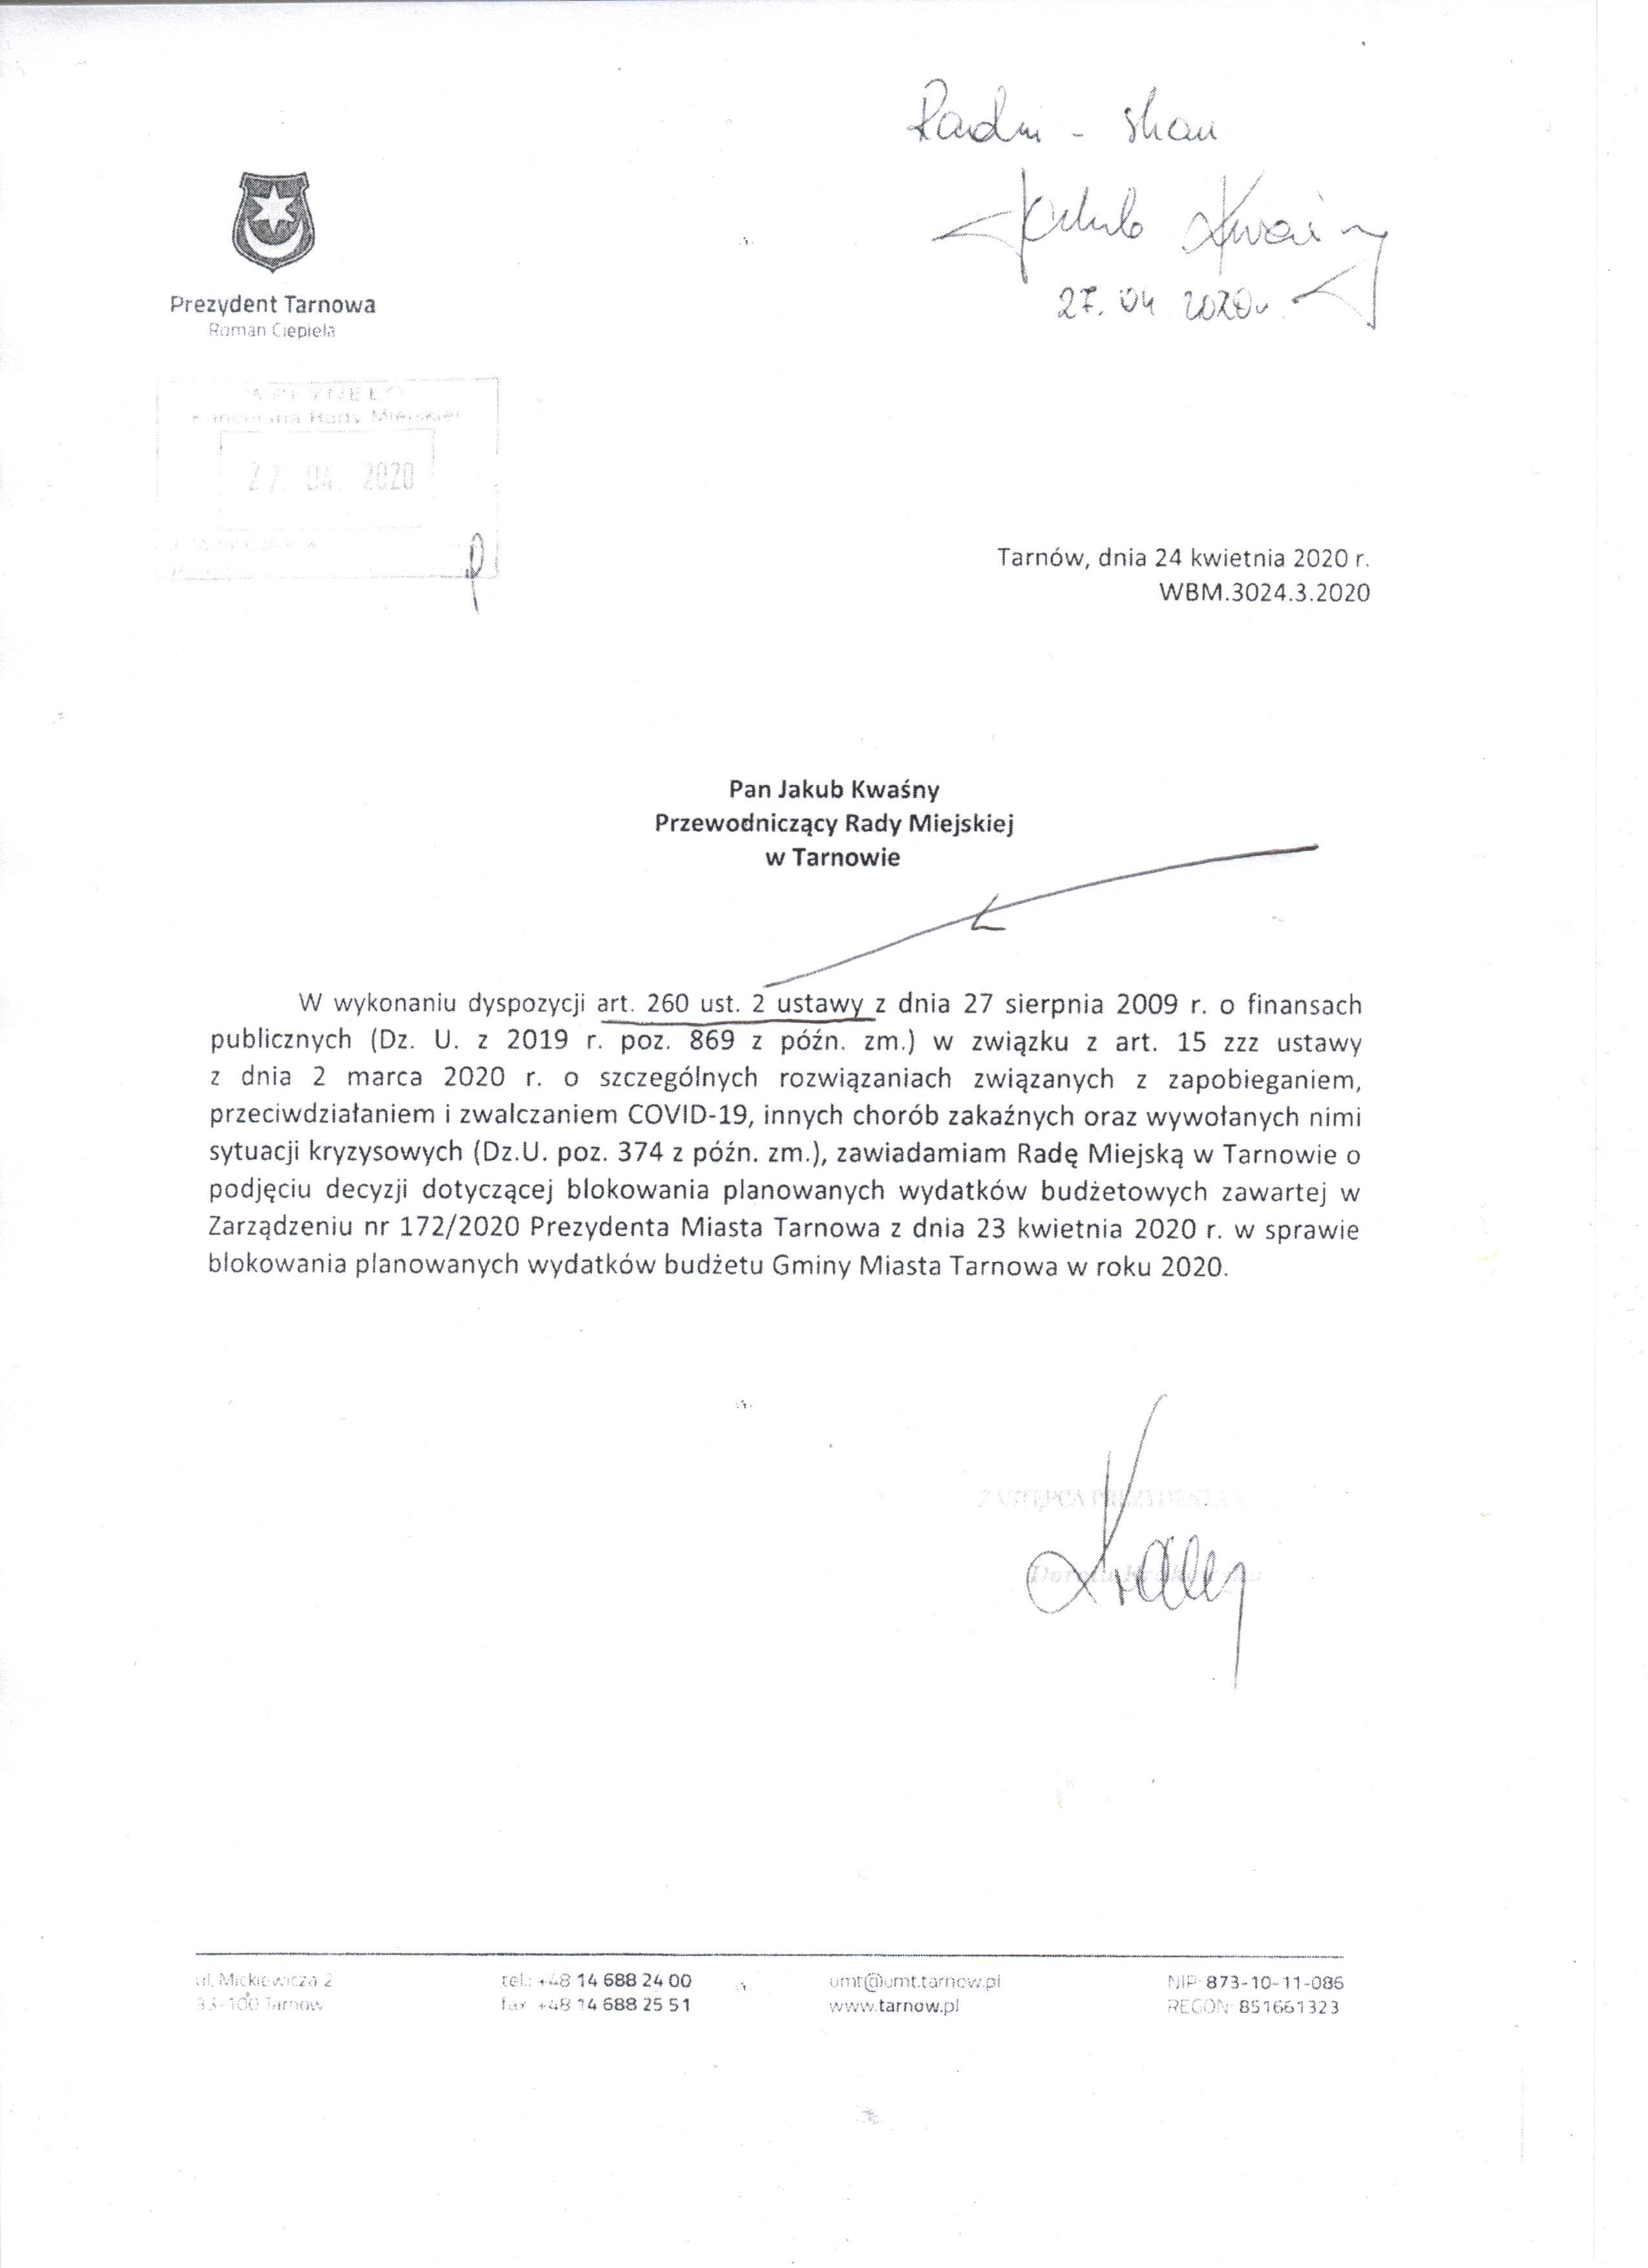 1  pismo Prezydenta  z 24 kwietnia wyslane przez p Kwasnego 27 kwietniajpeg